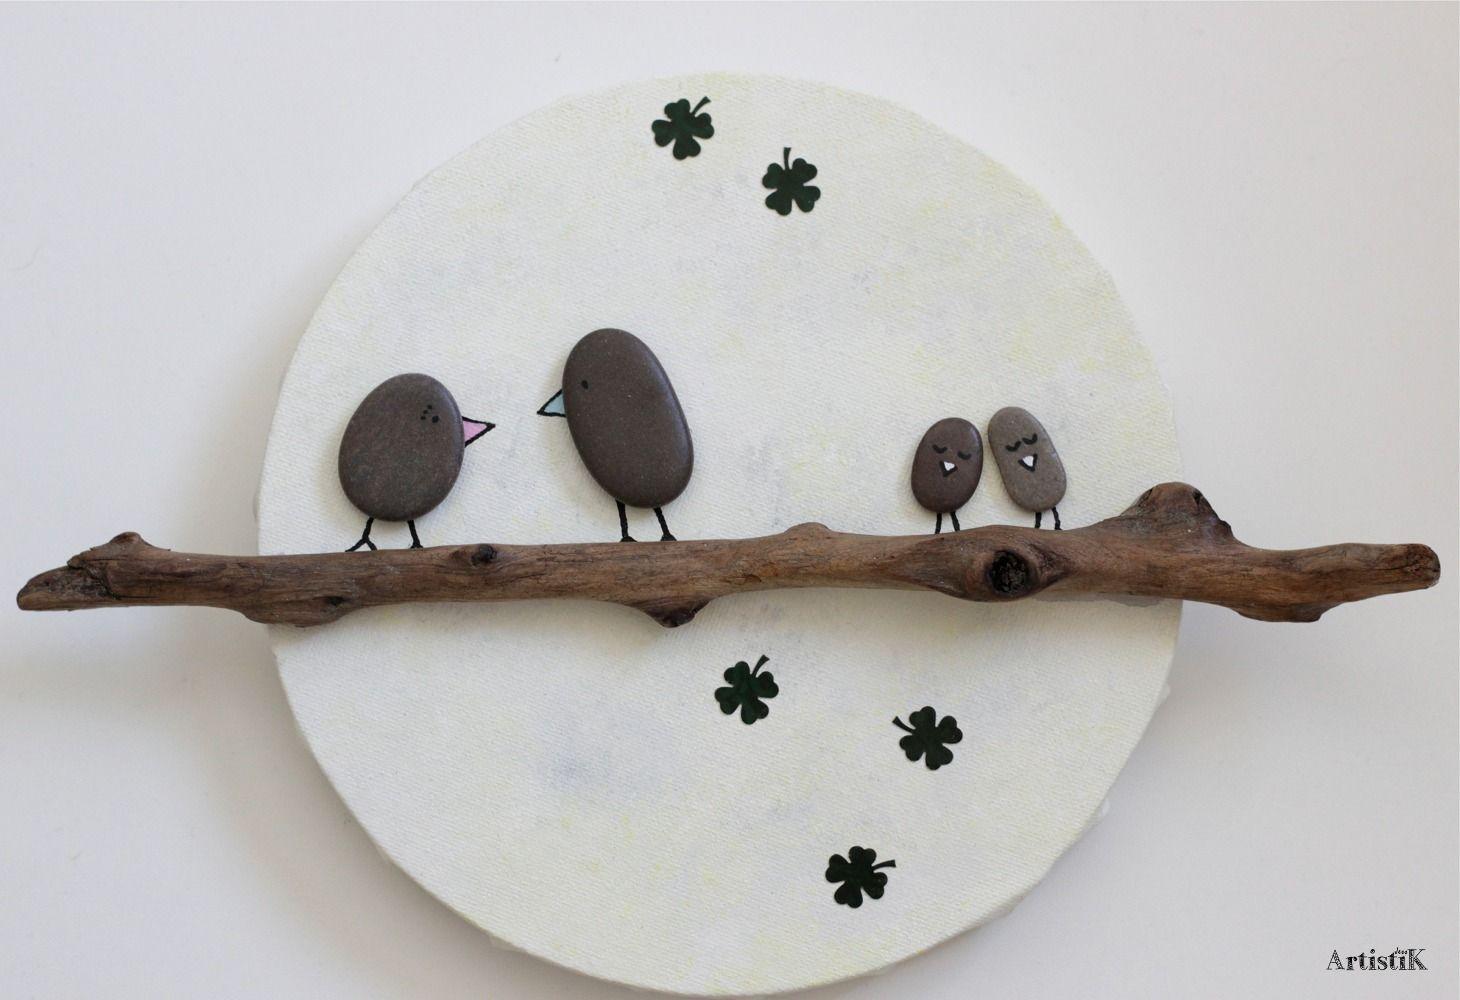 tableau rond bois flott galets oiseaux fond lune pastel dessin humoristique d coration pour. Black Bedroom Furniture Sets. Home Design Ideas